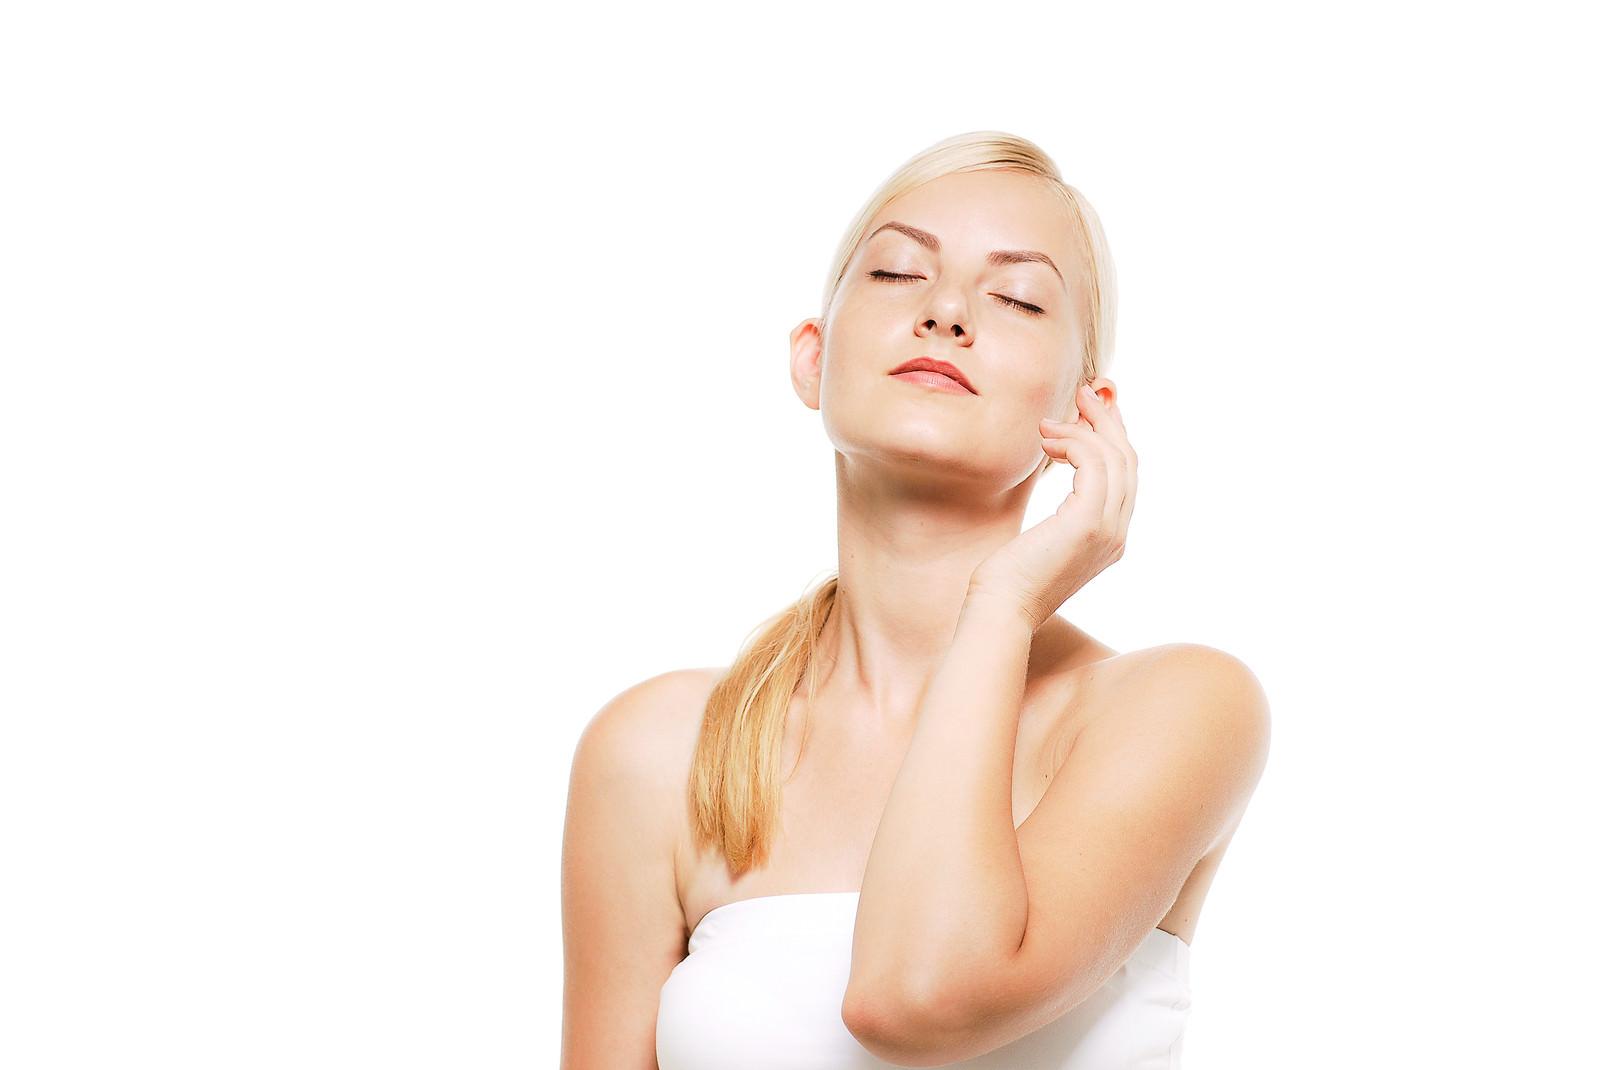 「目を閉じて軽く顎をあげる仕草をするロシア人の女性」の写真[モデル:モデルファクトリー]